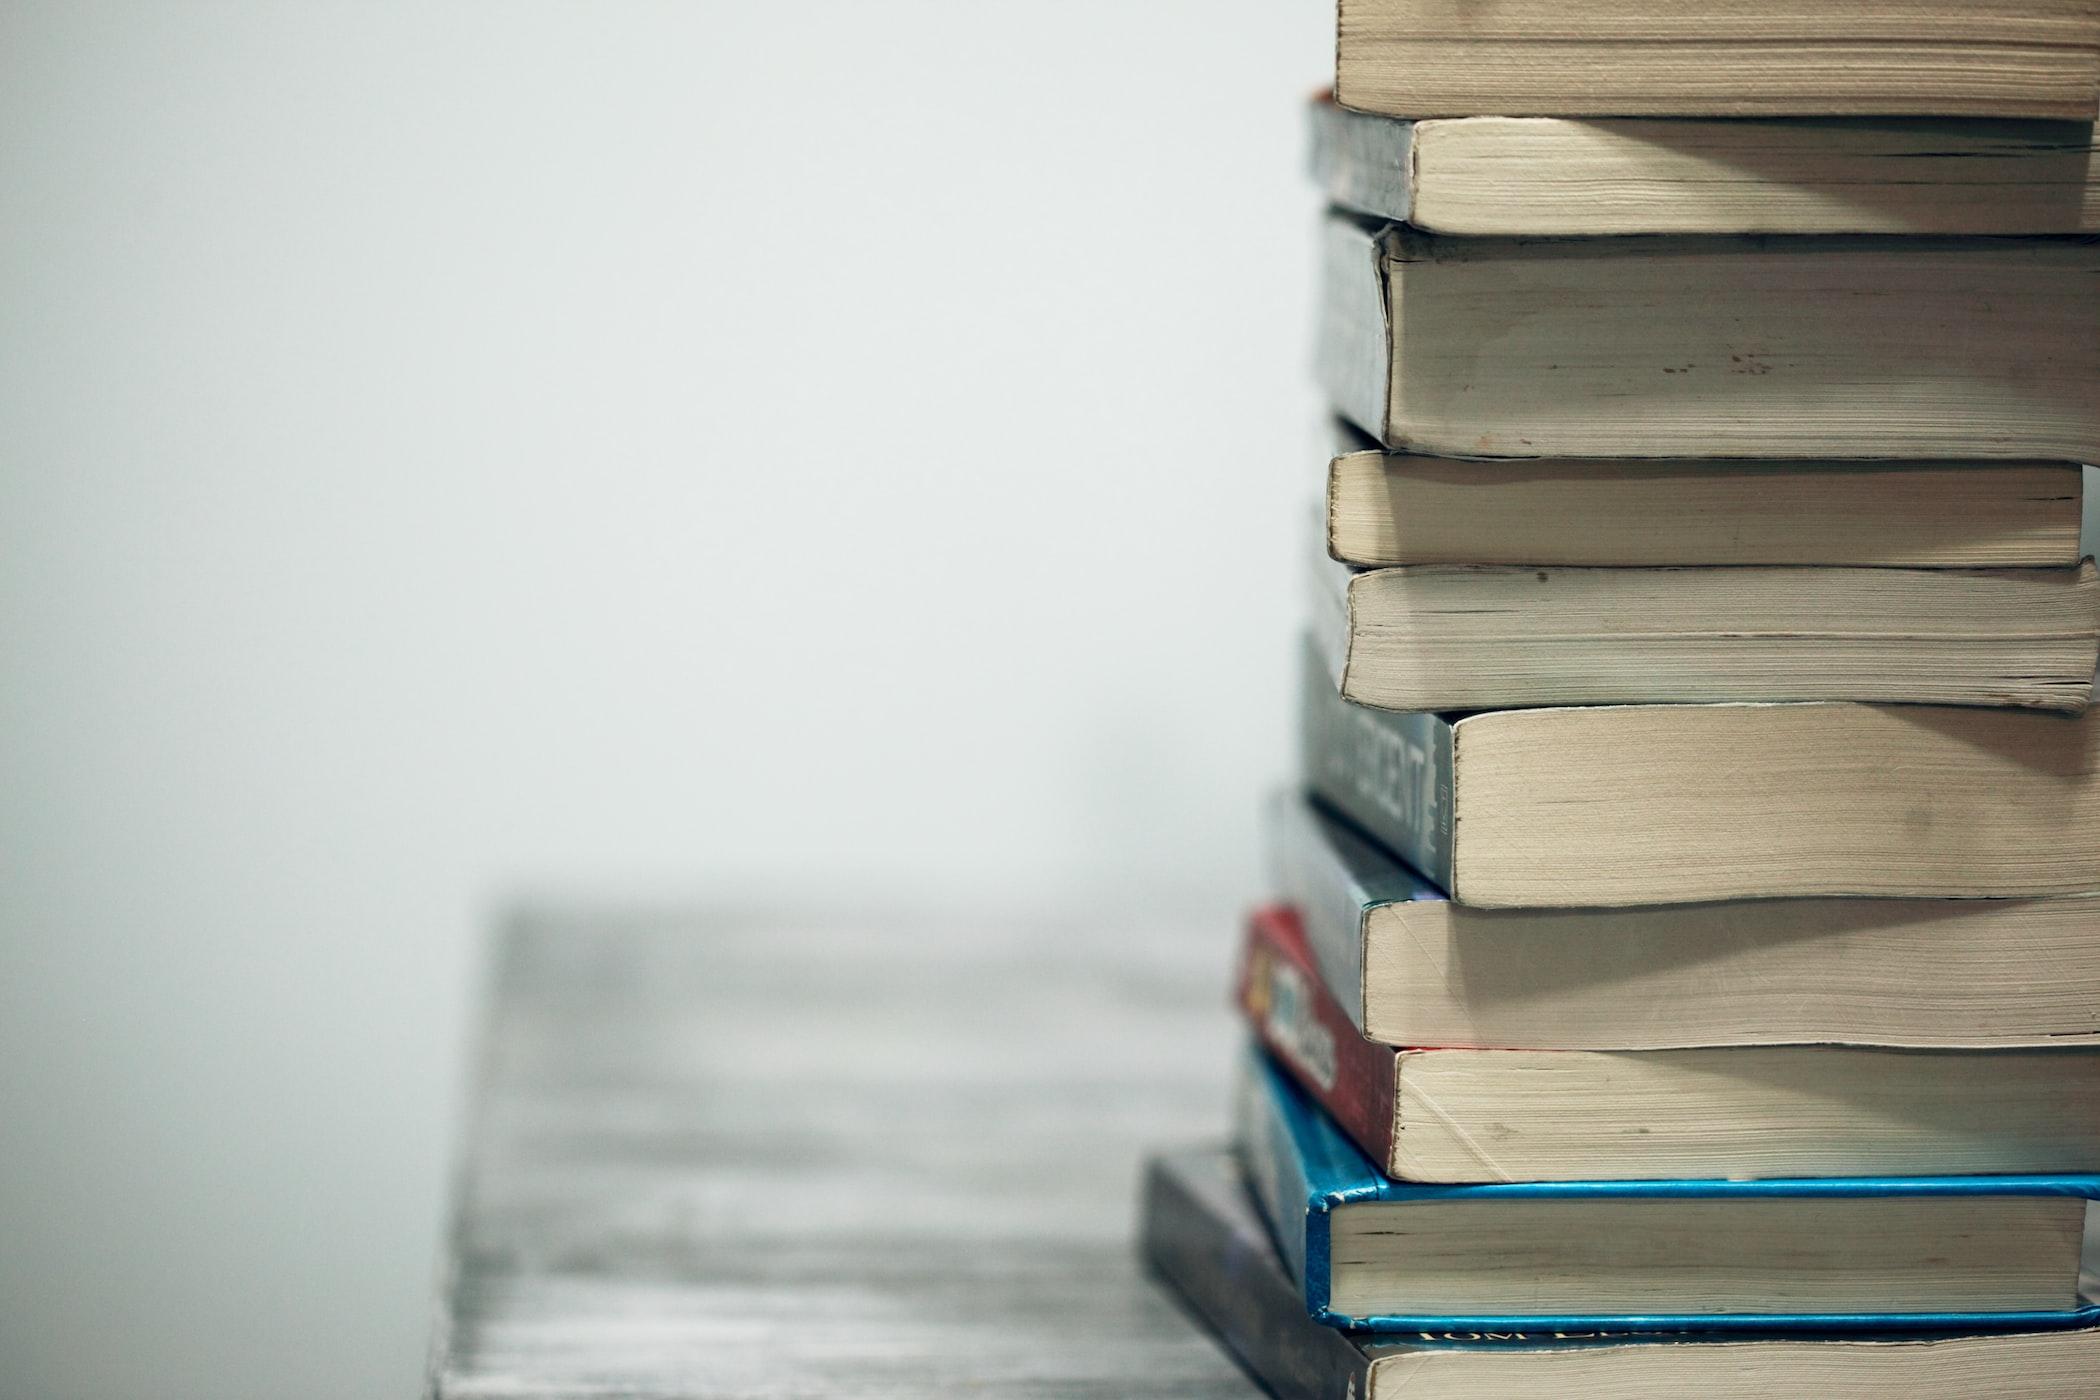 国公立一般入試の前期と後期の相違点『前期と後期で試験内容・科目も異なる』